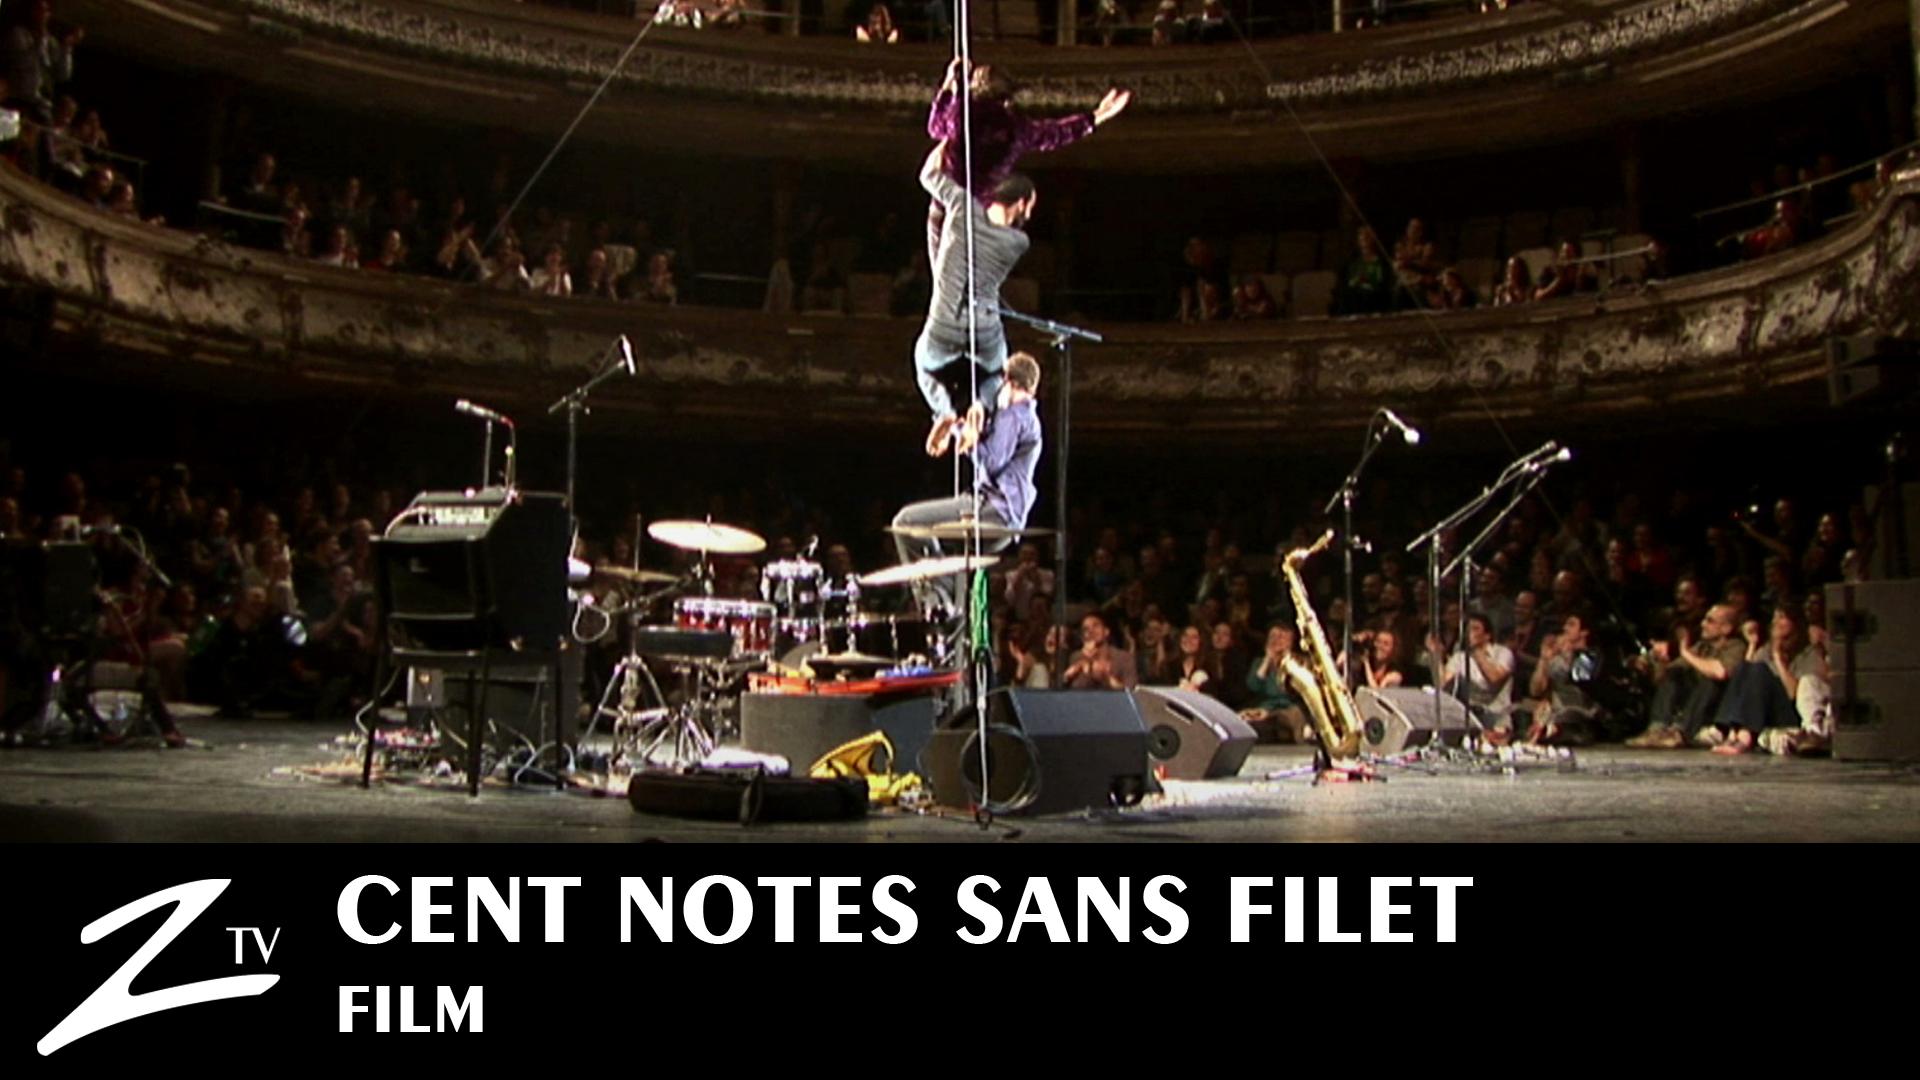 Vyoutube-Cent-notes-sans-filet - copie